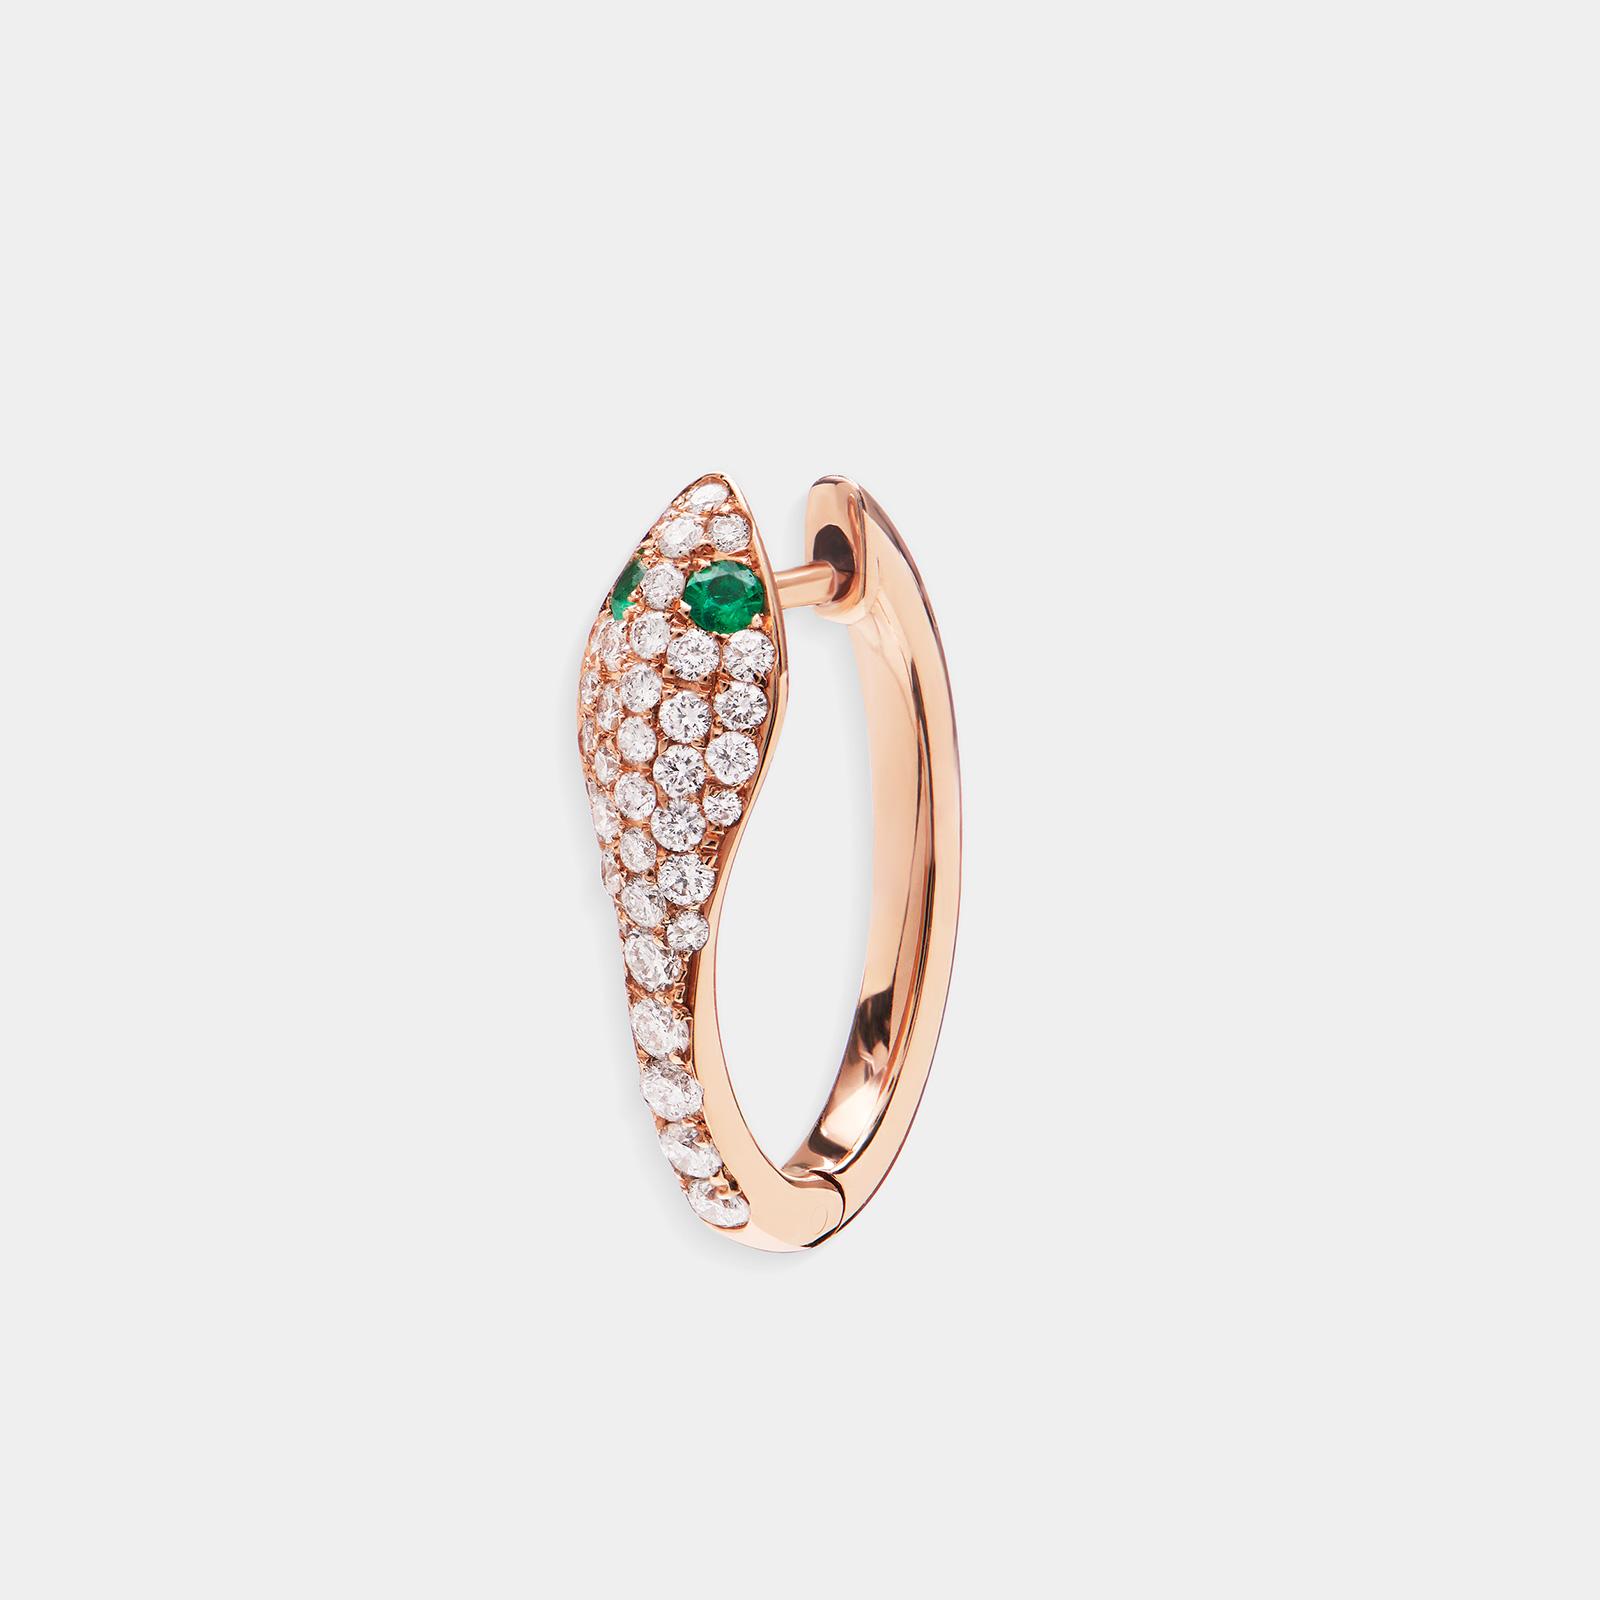 Mono orecchino serpente in oro rosa con diamanti e smeraldi | Rosanna Cattolico gioielli